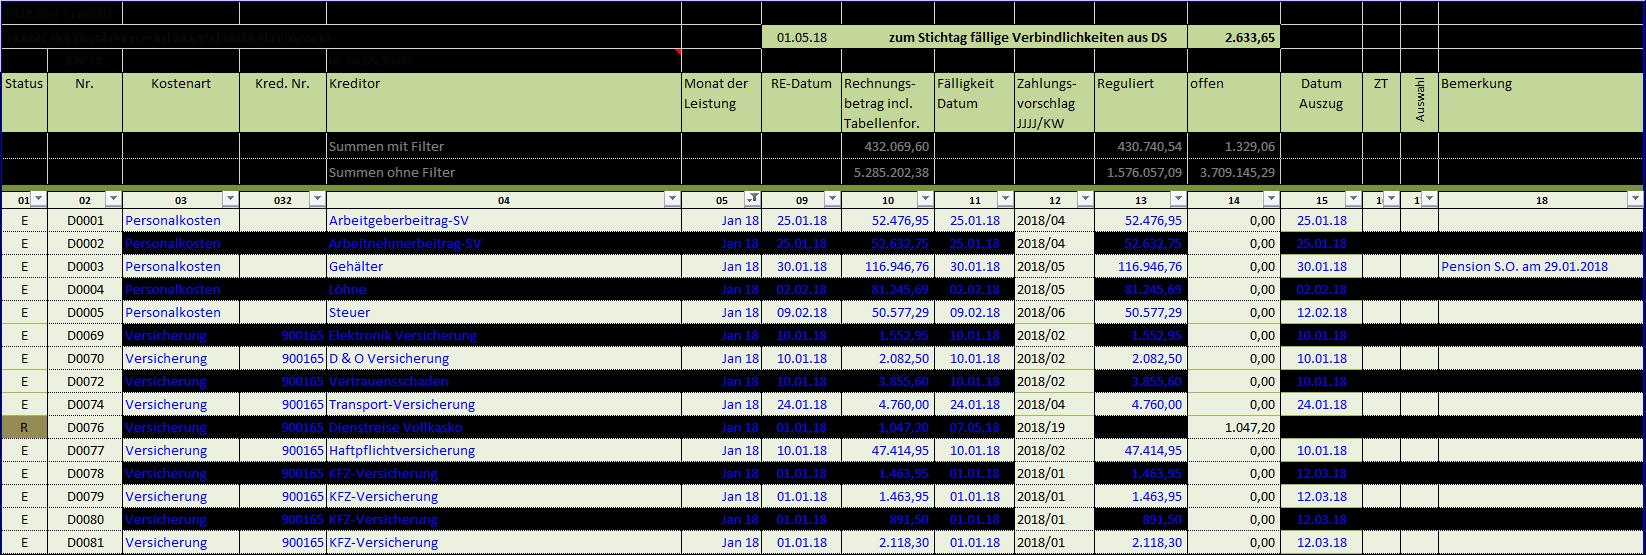 Musteransicht: Liquiditätscontrolling-Dauerschuldverhältnisse